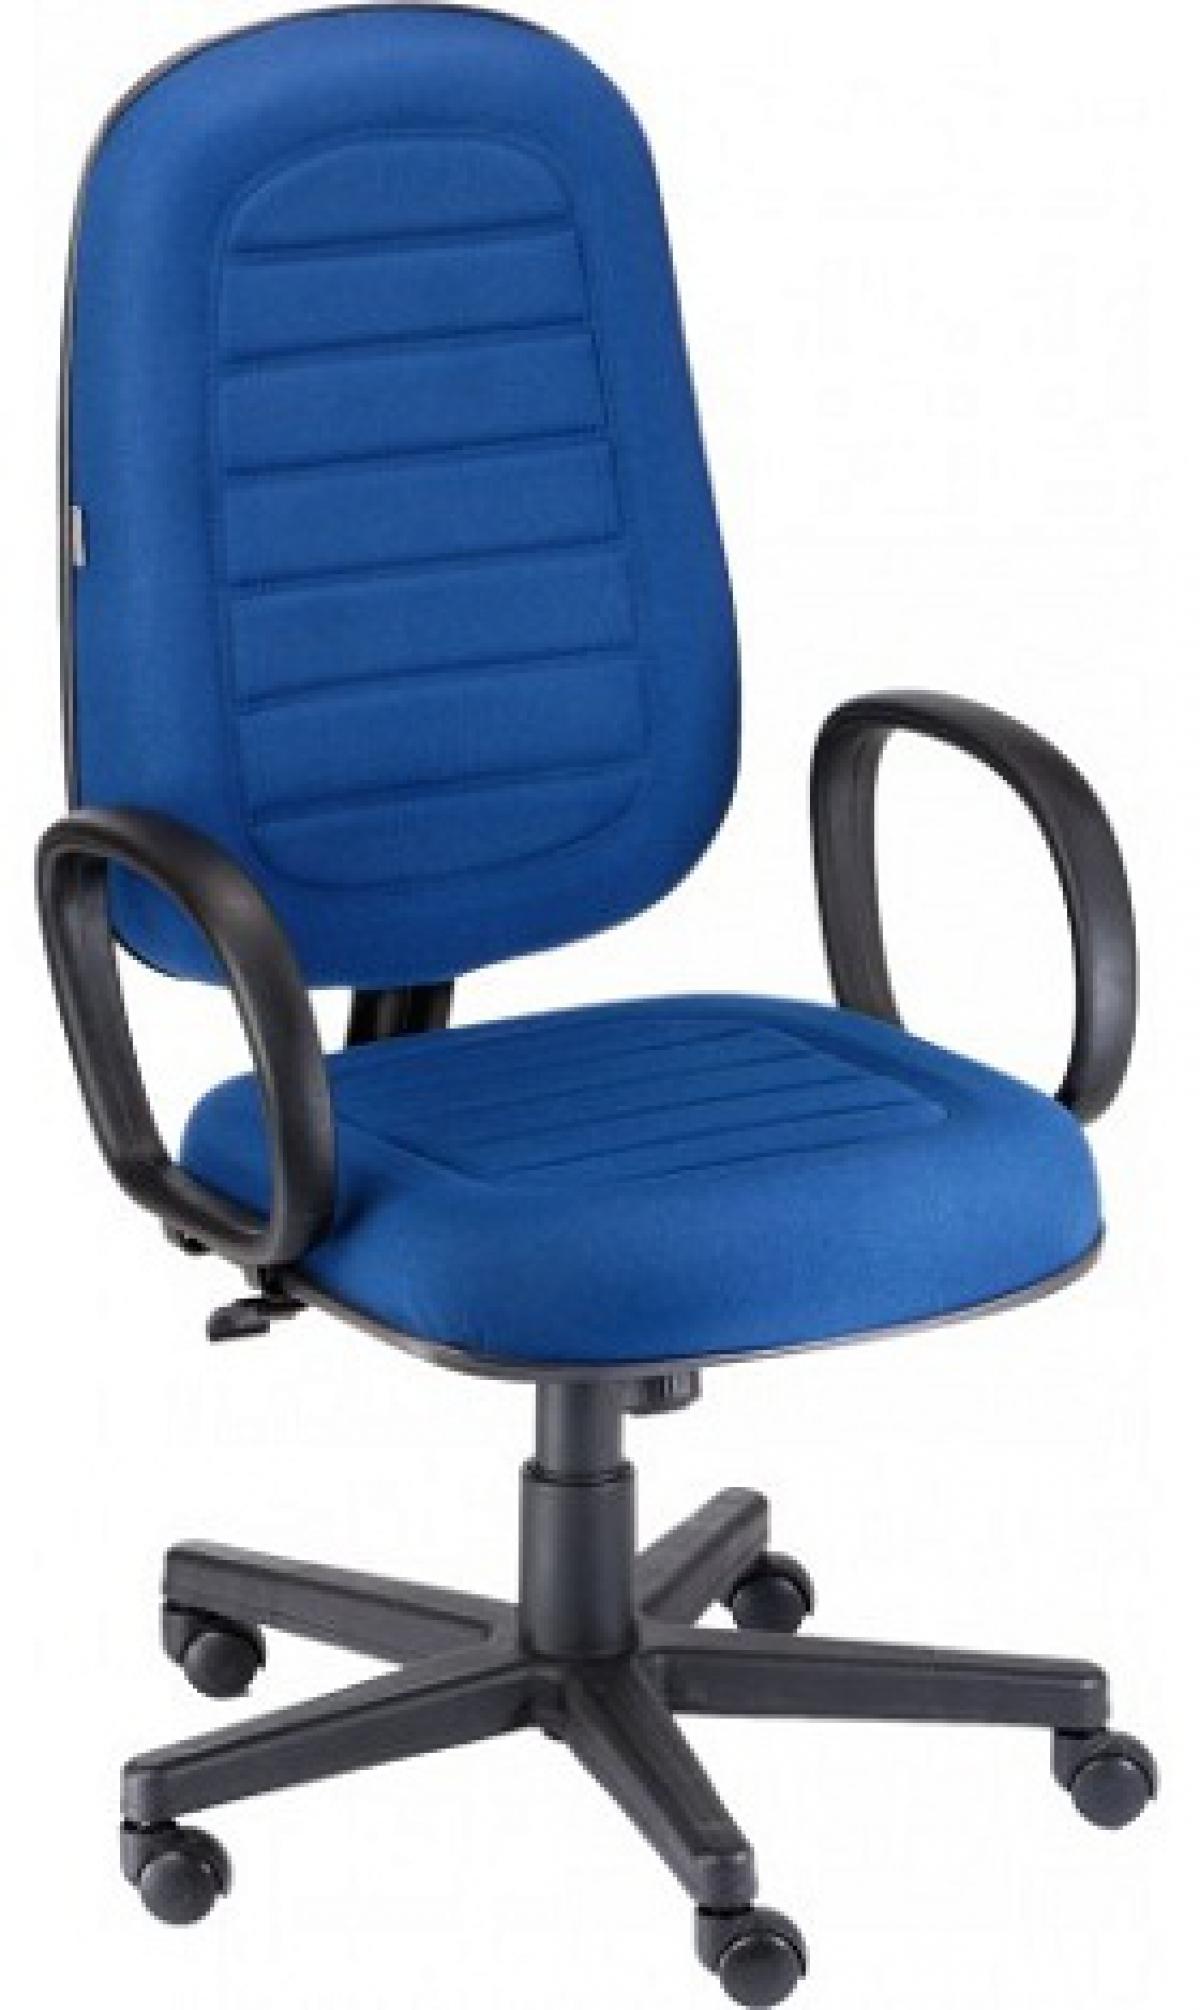 CAD - 31 Cadeira Para Escritório Presidente Costurada Giratória Com Braço Estofada Com Relax Varias Cores